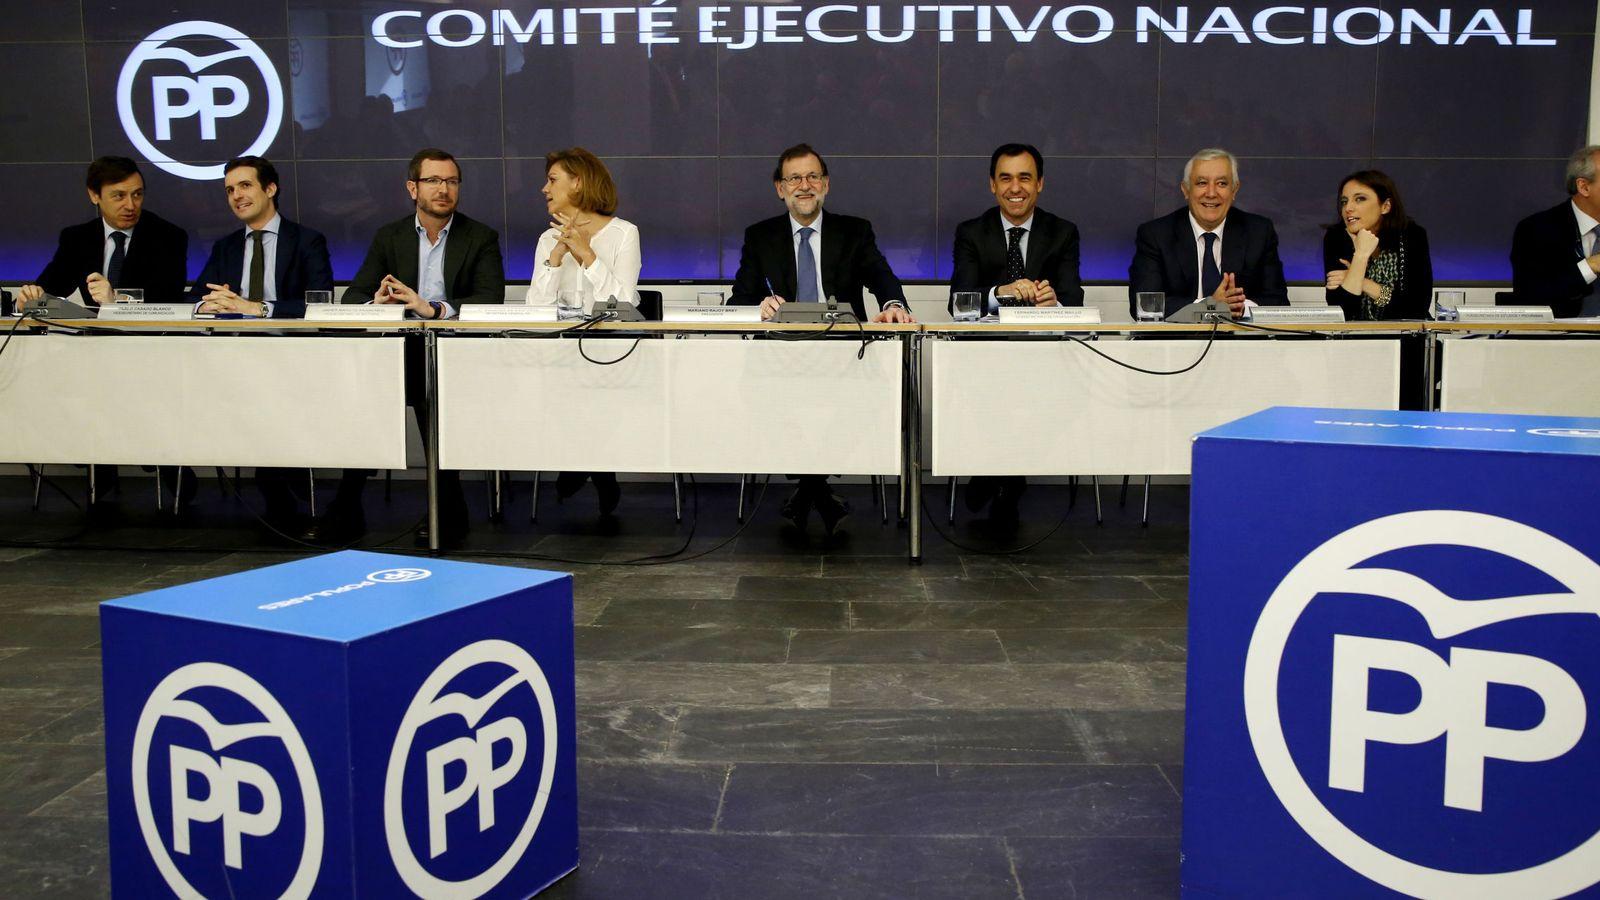 Foto: Comité Ejecutivo del PP. (Efe)